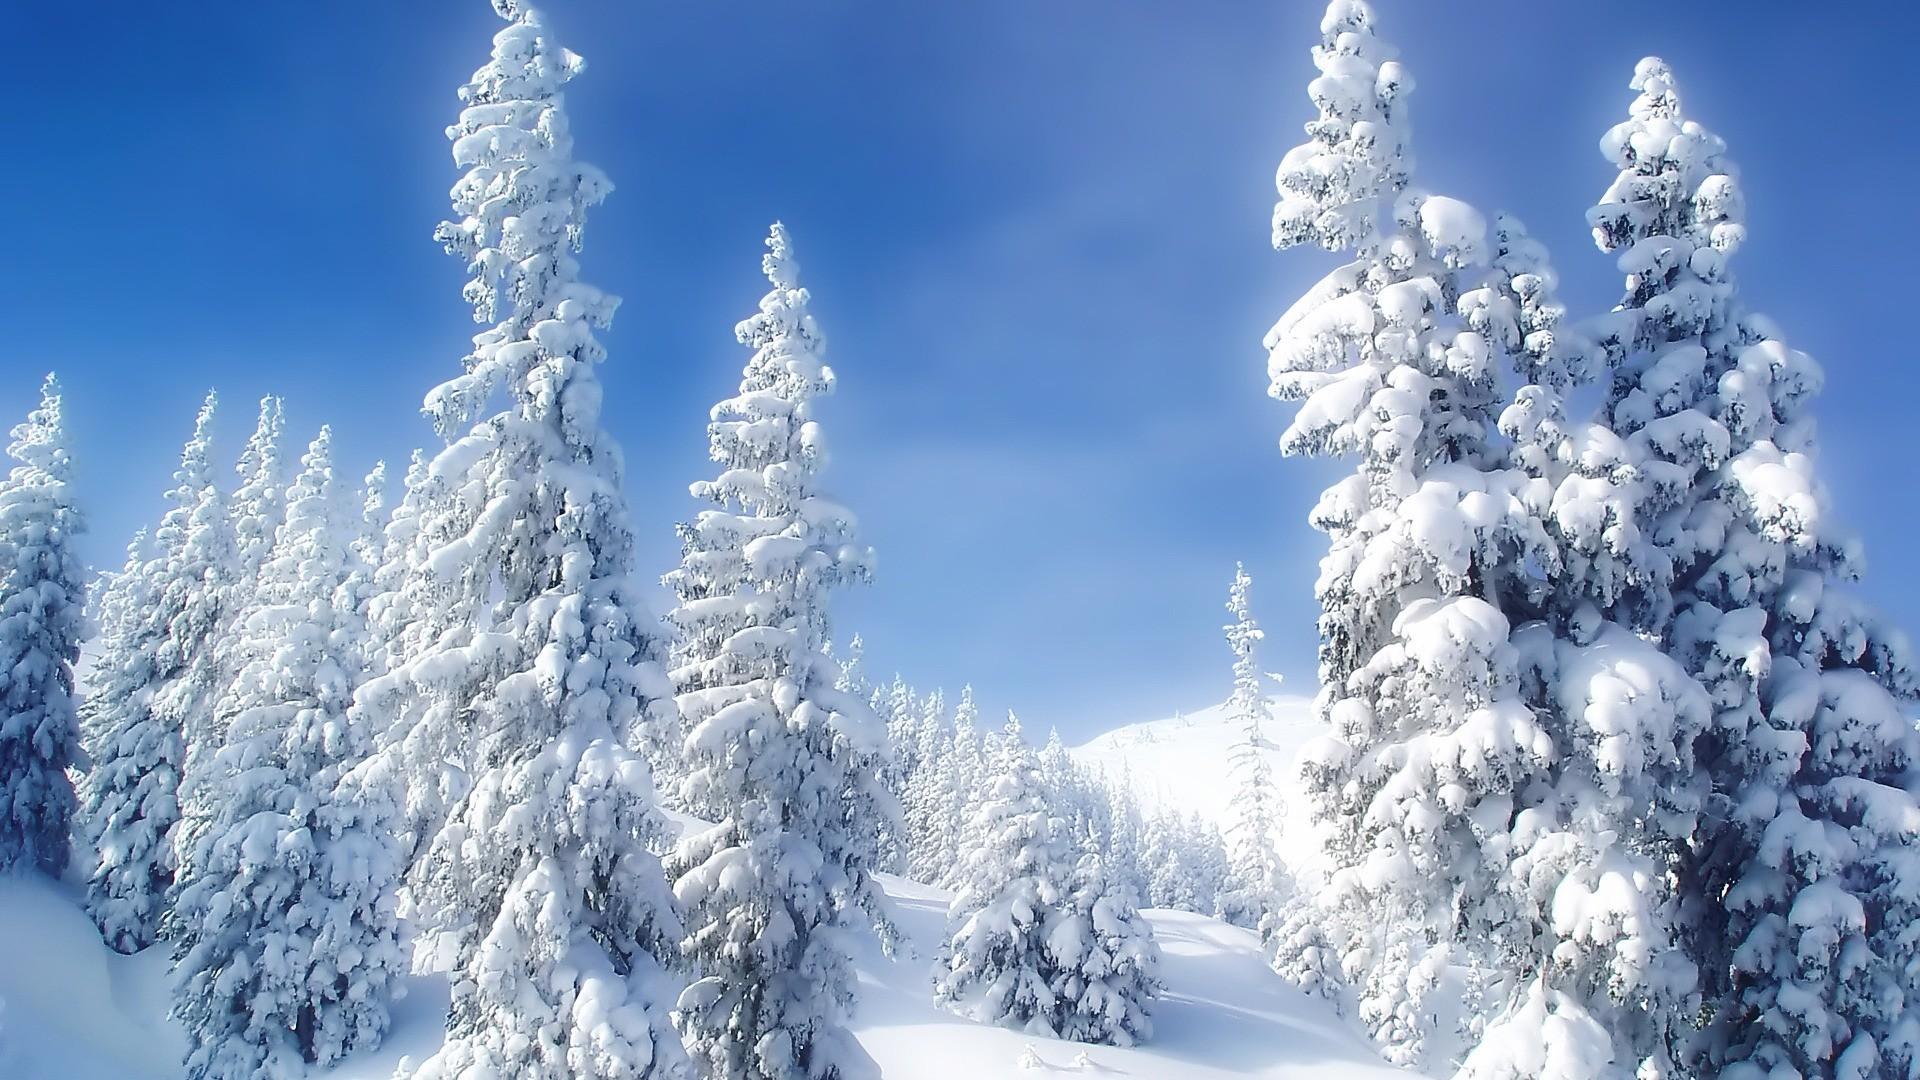 Winter Wonderland Backgrounds (41+ images)